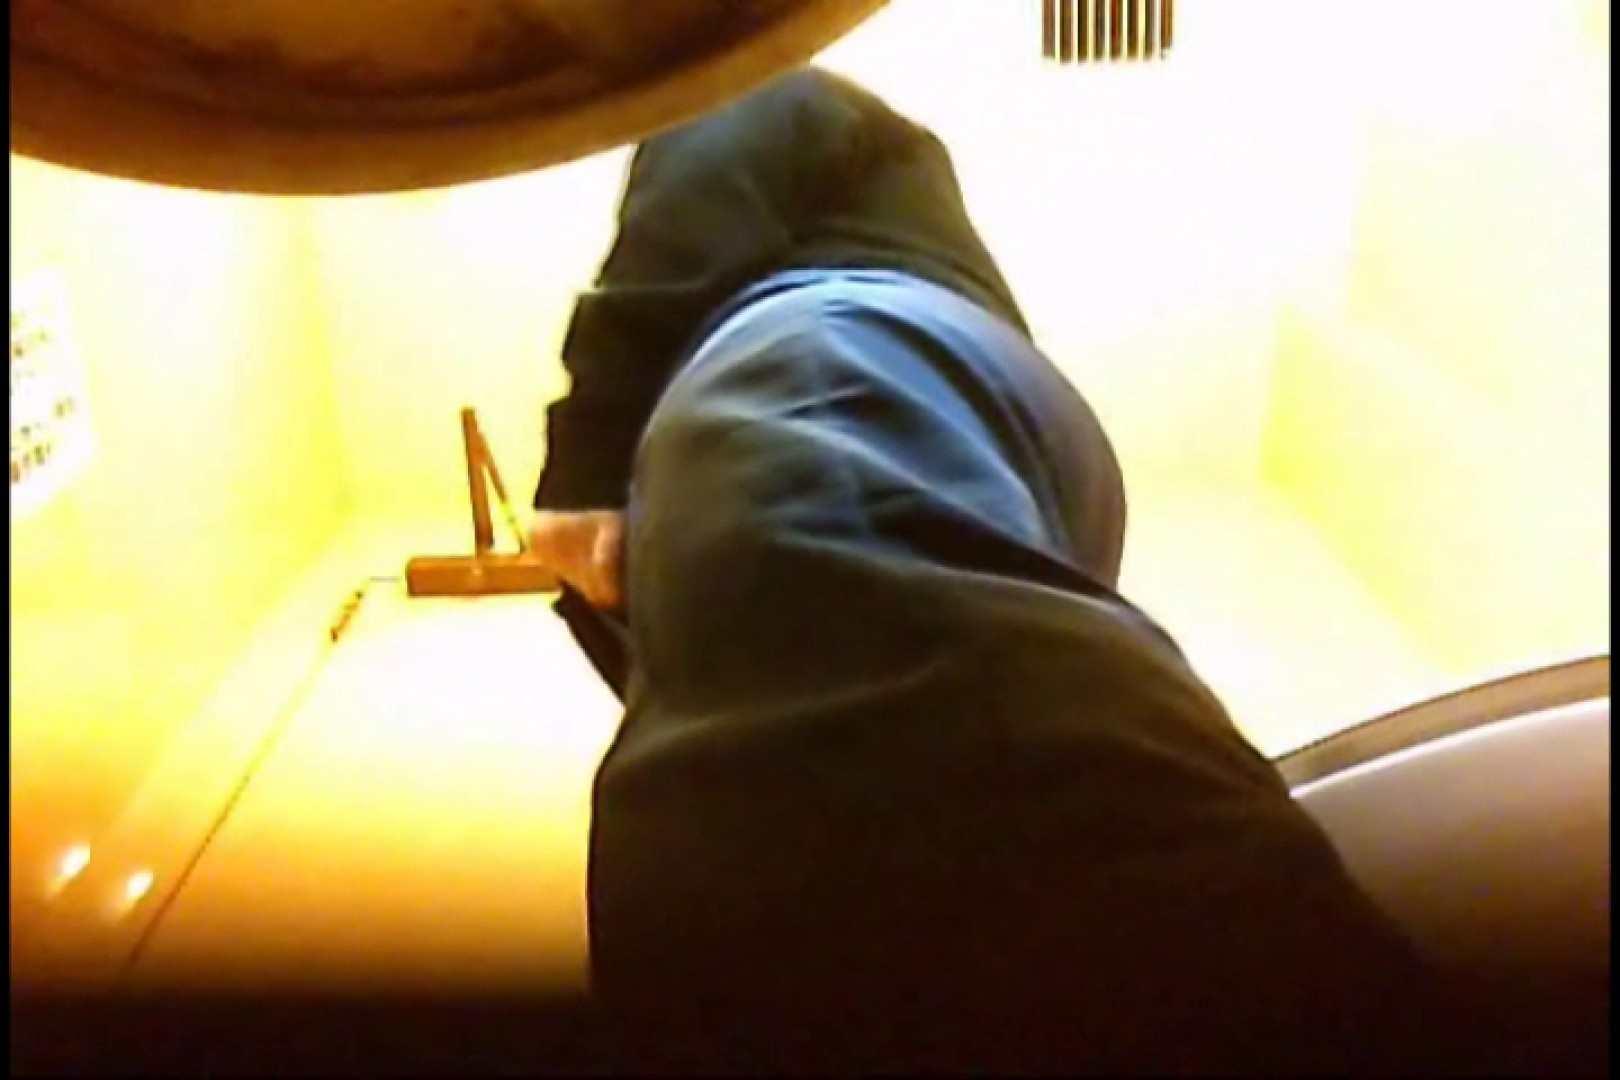 マダムが集まるデパートお手洗い Vol.24 盛合せ AV動画キャプチャ 109画像 101